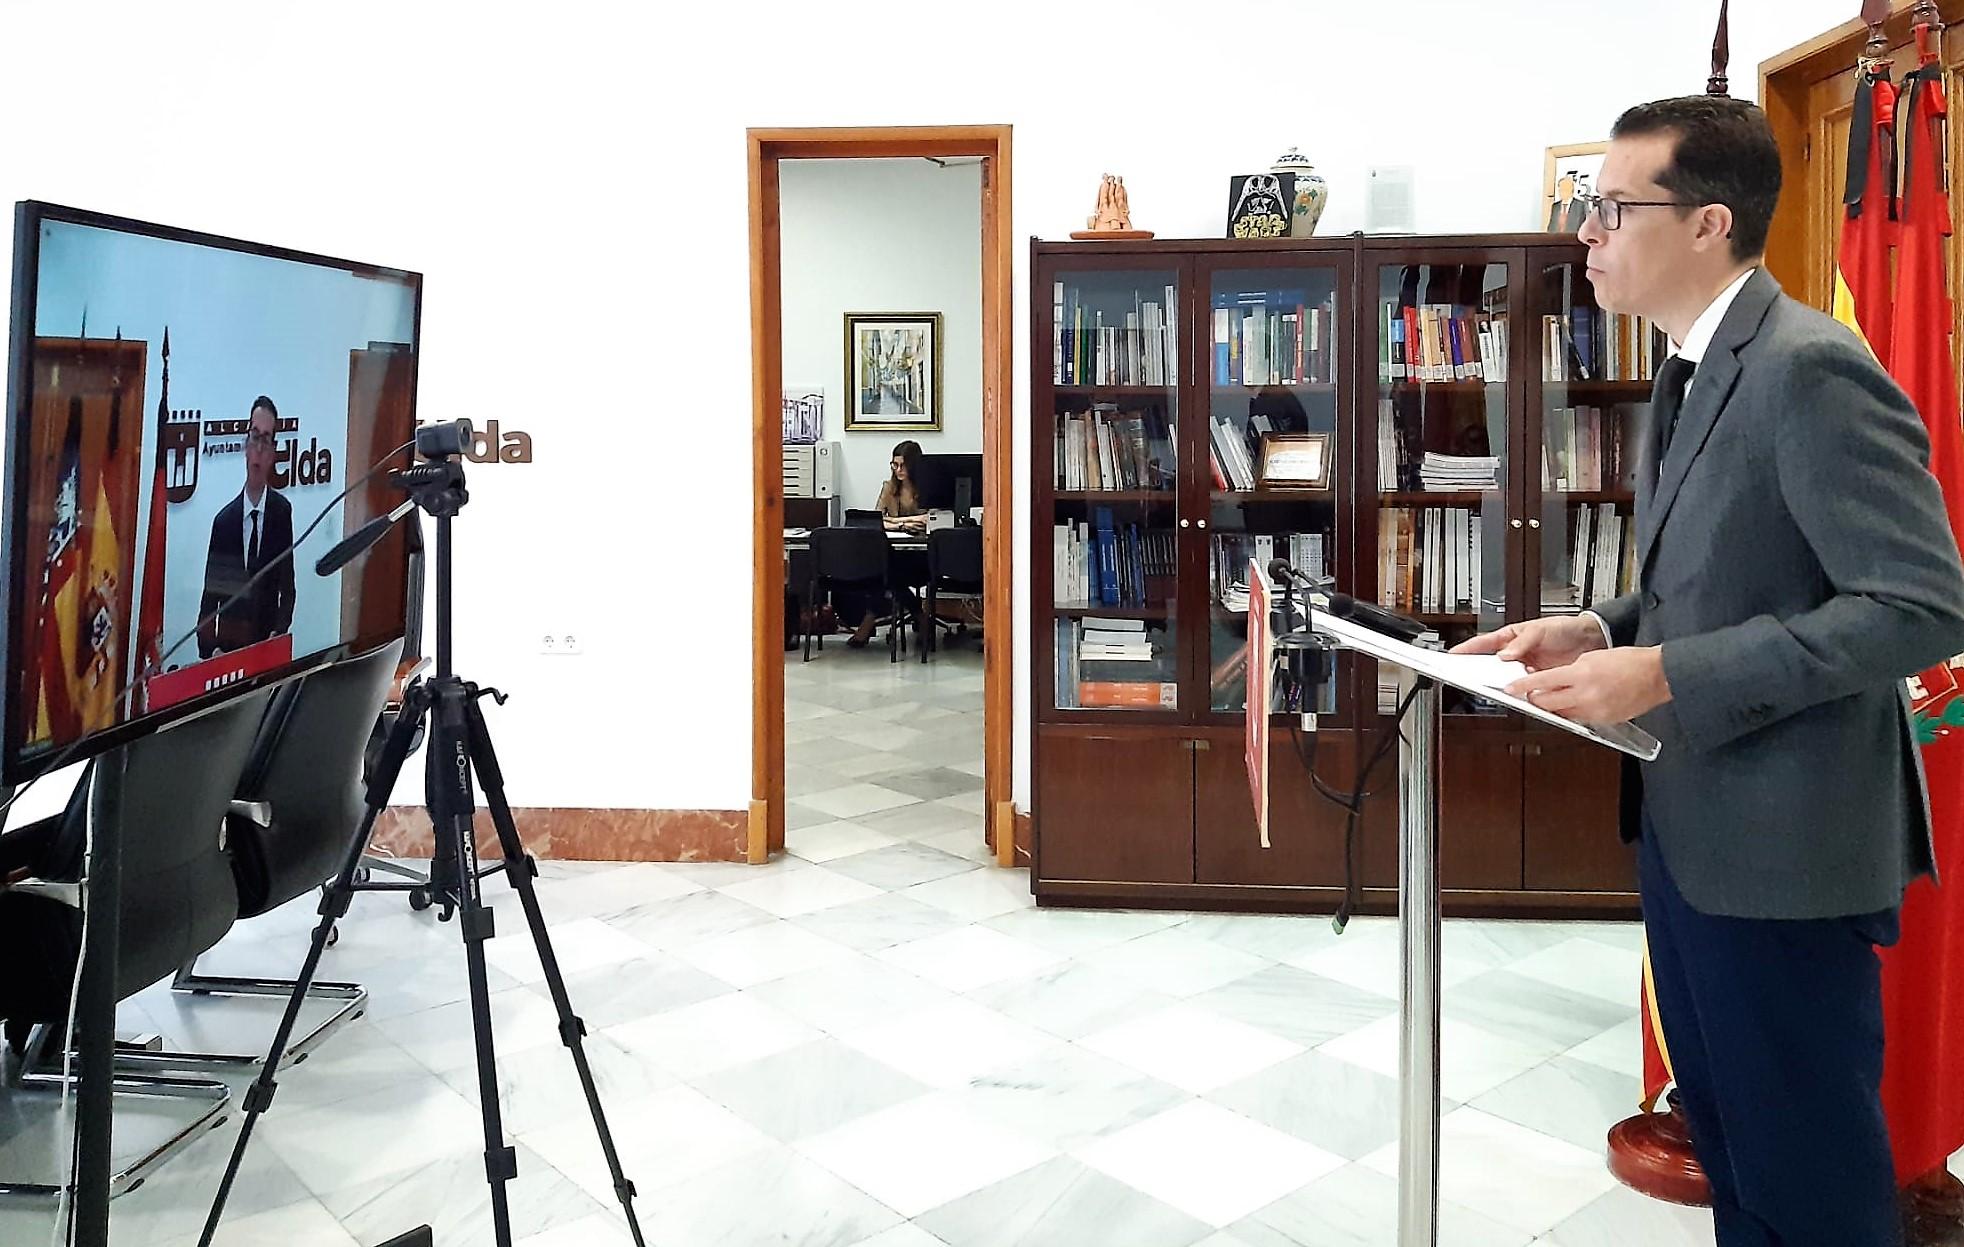 El Ayuntamiento de Elda aprueba el plan de ayudas económicas para autonómos, comercios y pymes dotado con 700.000 euros